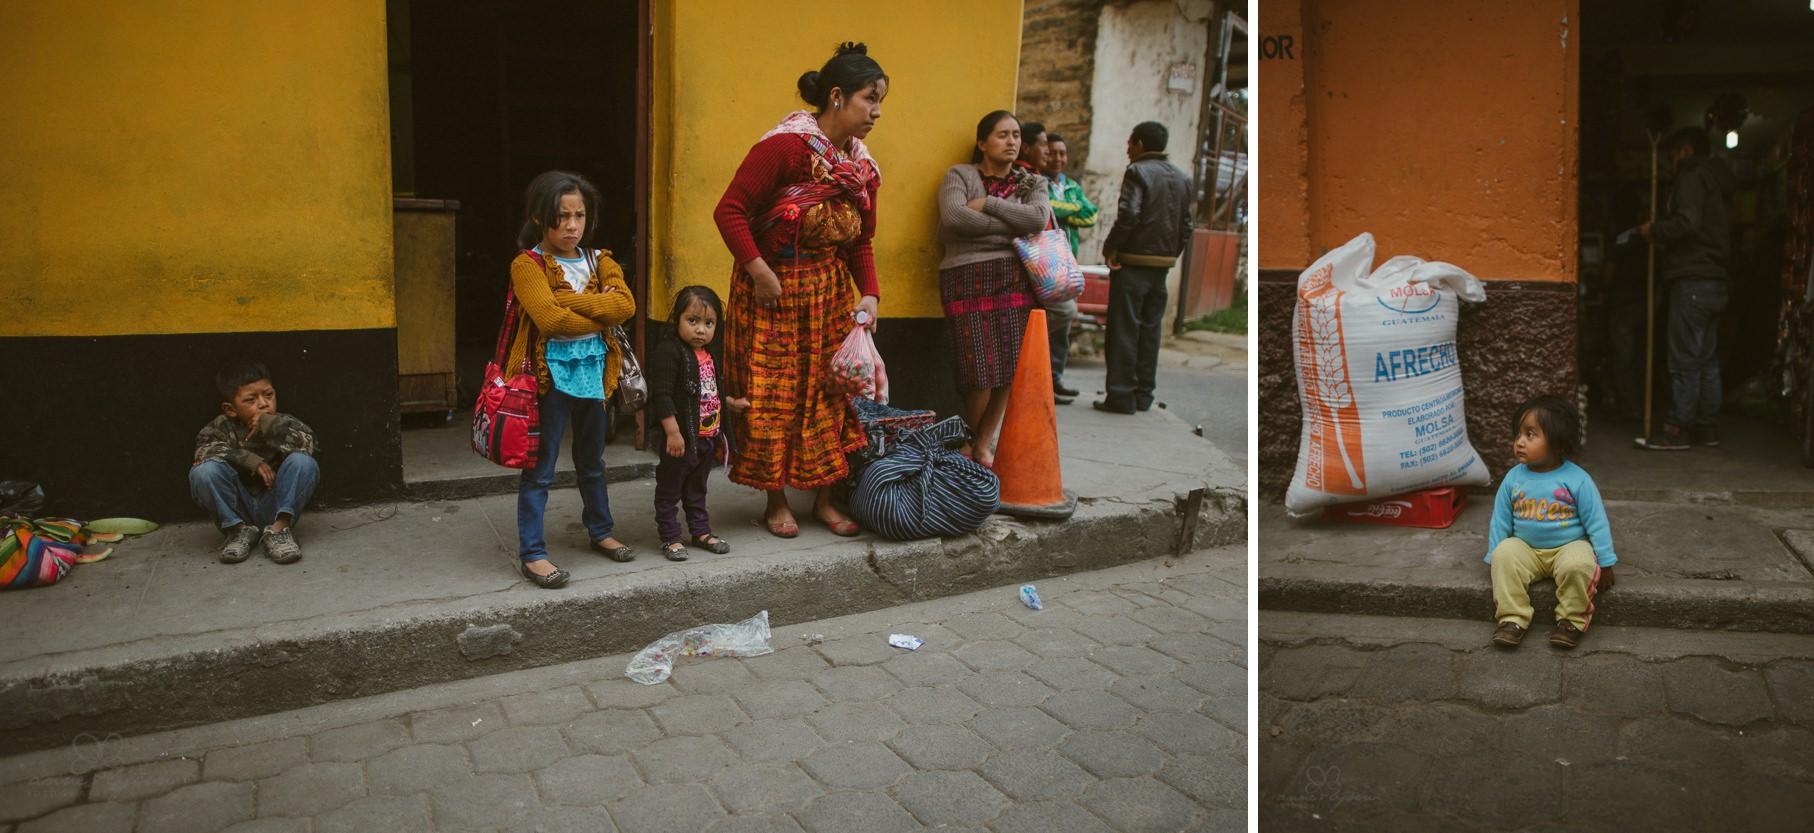 0124 anne und bjoern guatemala d75 2554 - 4 Wochen durch Guatemala - backpacking durch Mittelamerika